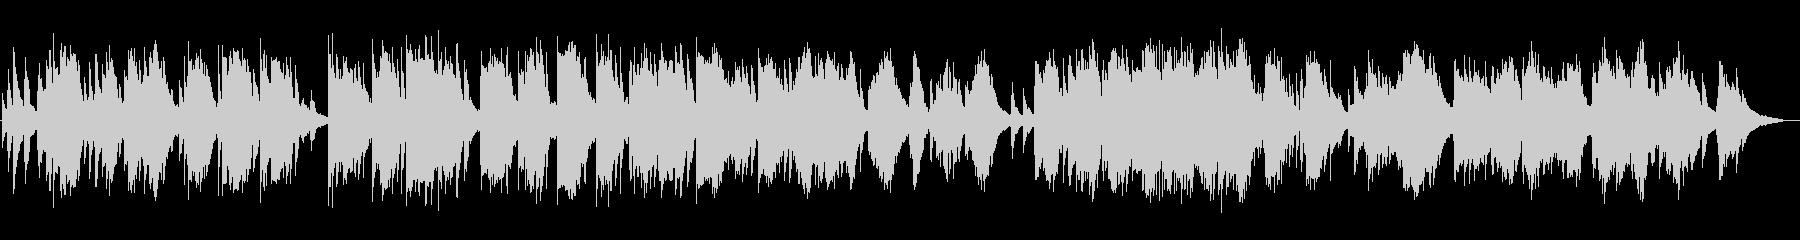 静かな夜、夜明けのイメージのピアノソロの未再生の波形